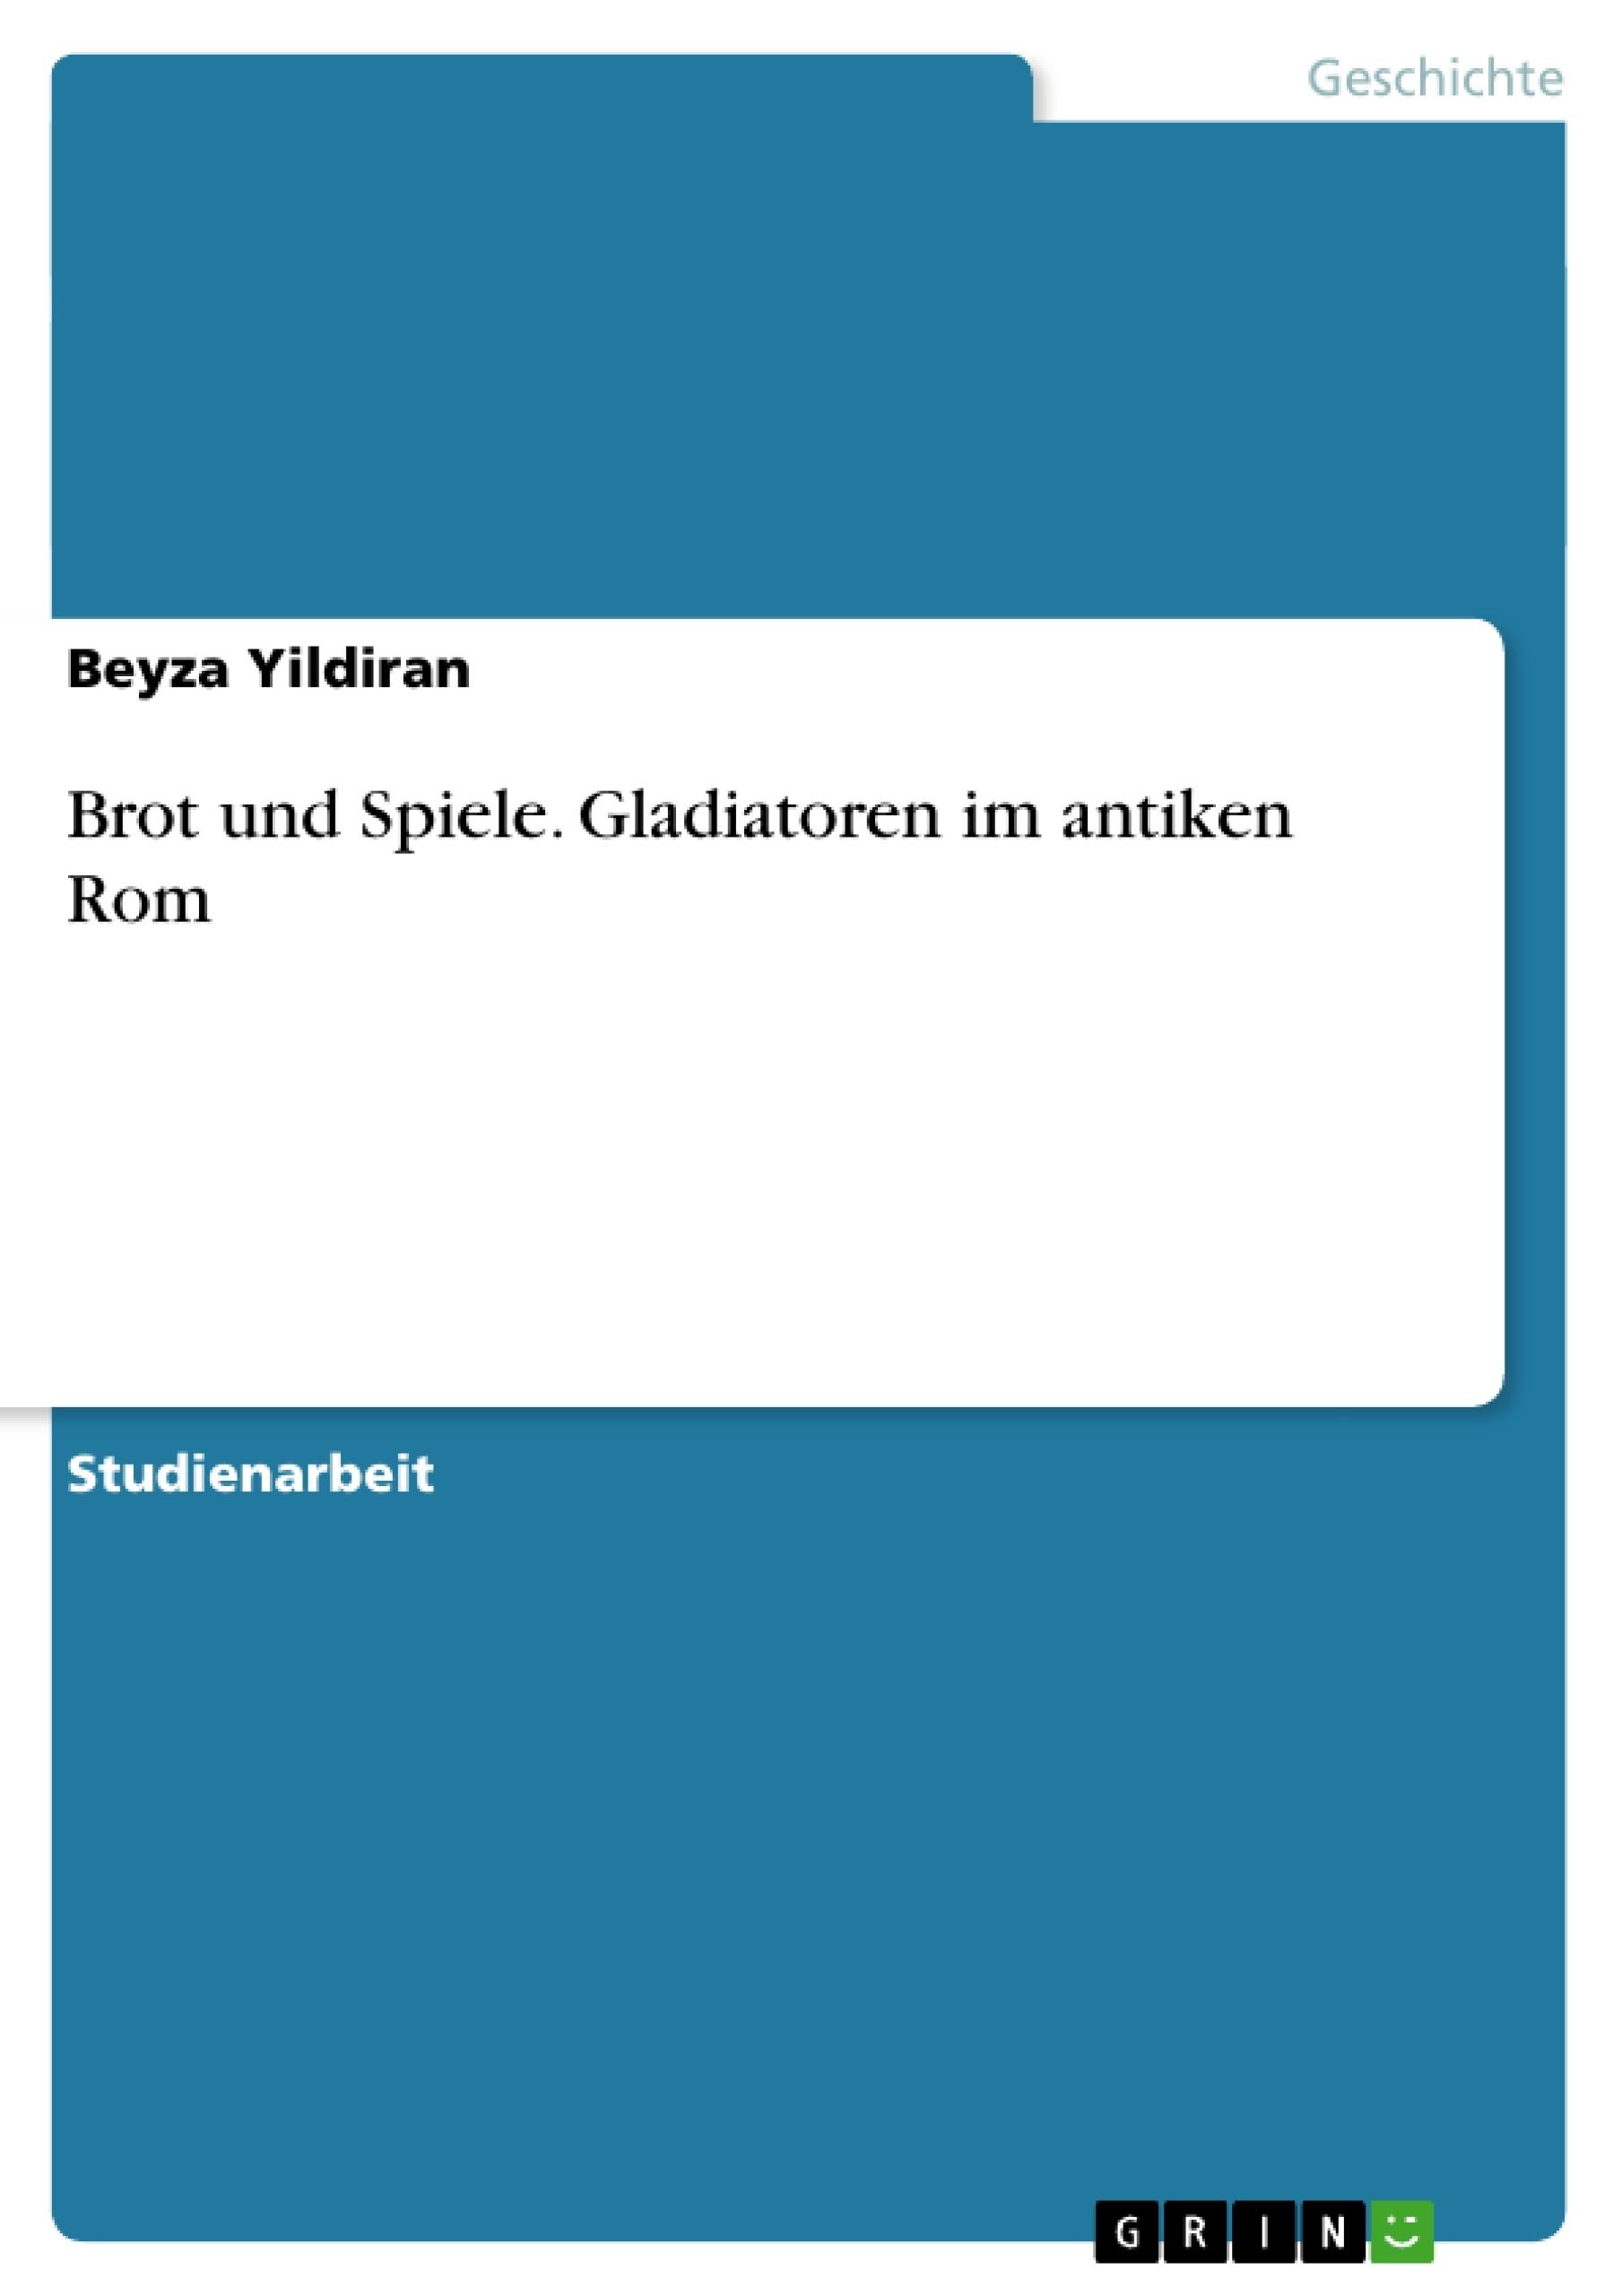 Titel: Brot und Spiele. Gladiatoren im antiken Rom